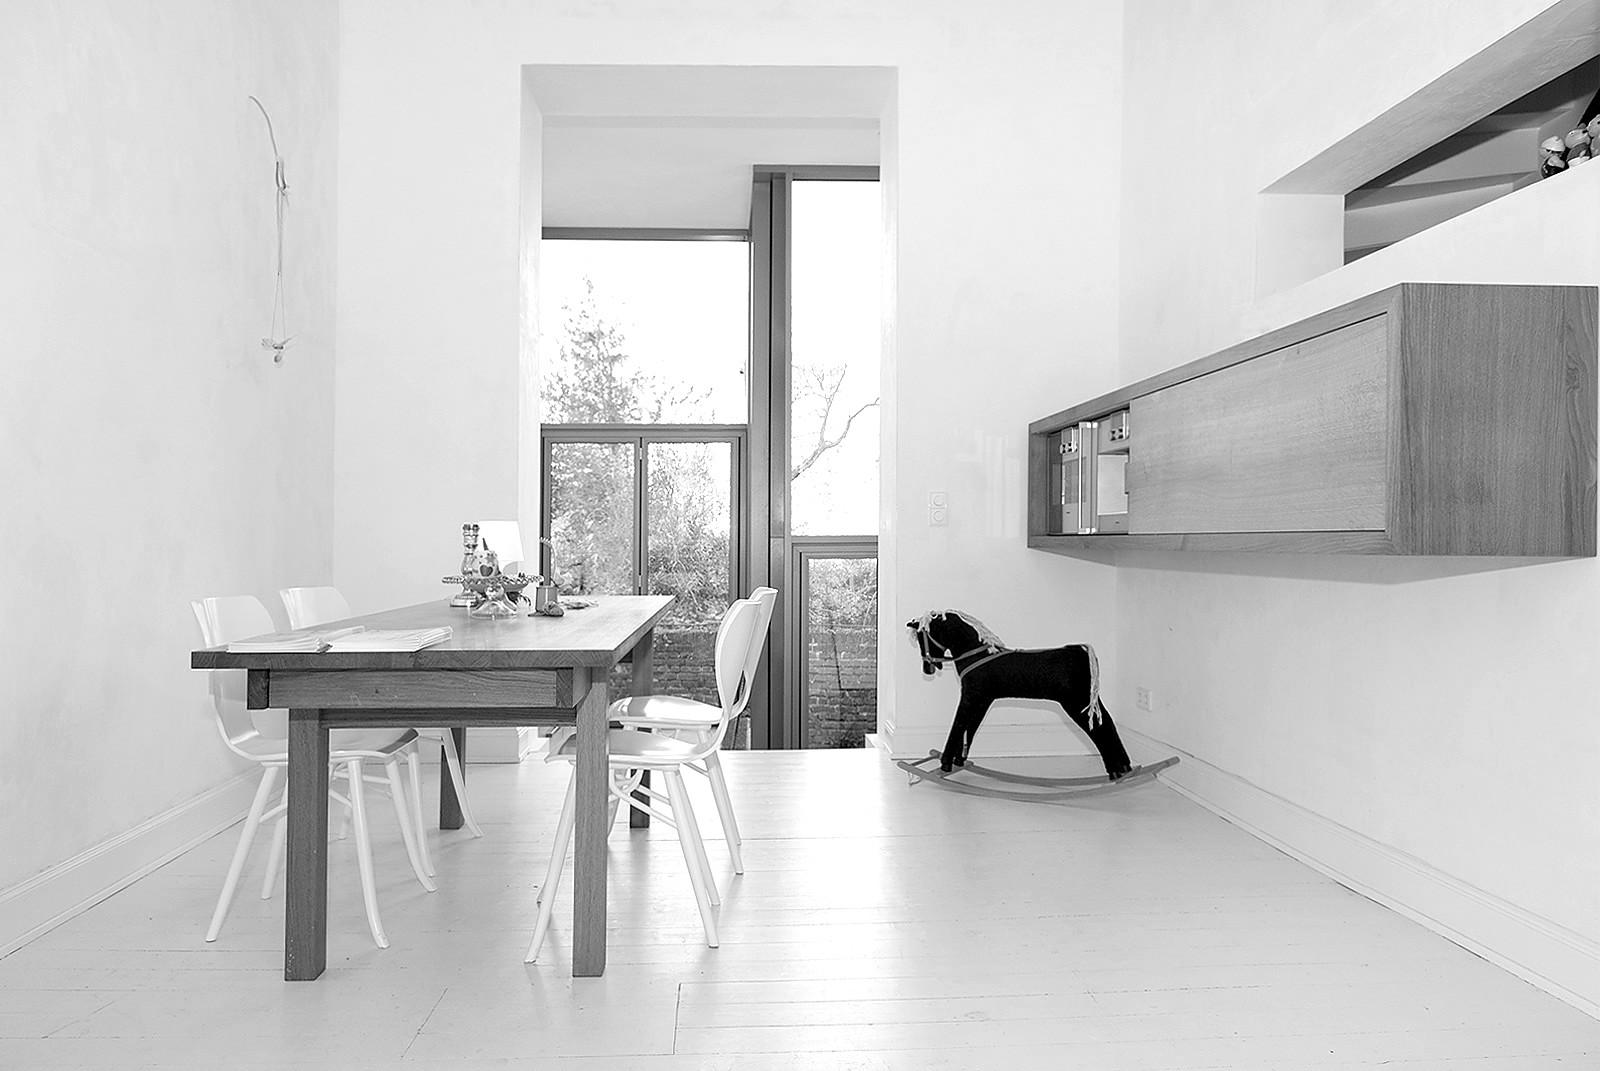 tischlerei sommer lebensr ume in holz tischlerei sommer. Black Bedroom Furniture Sets. Home Design Ideas